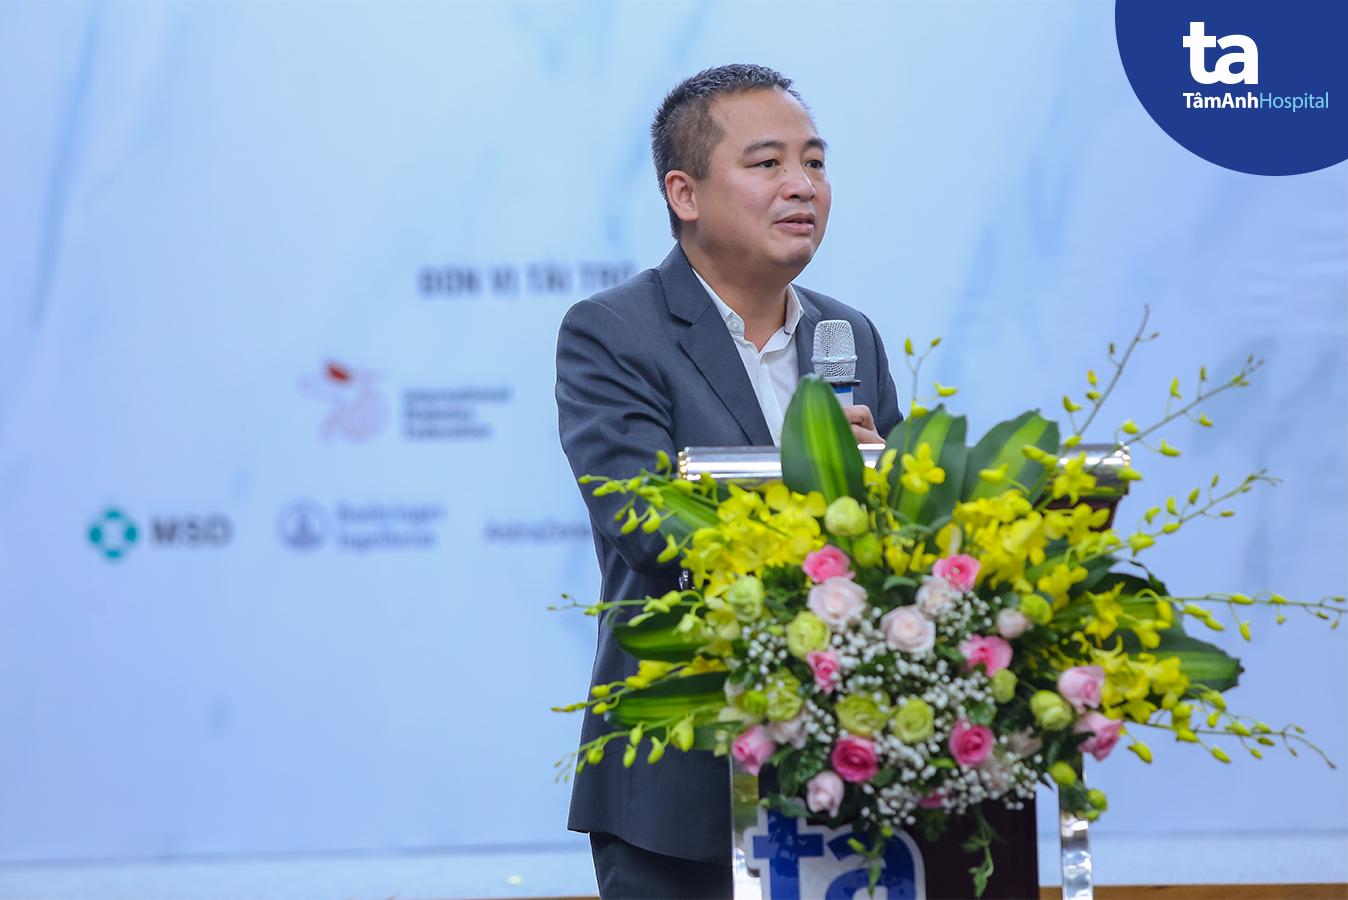 PGS.TS Trần Đình Toán – Viện Dinh Dưỡng Lâm Sàng